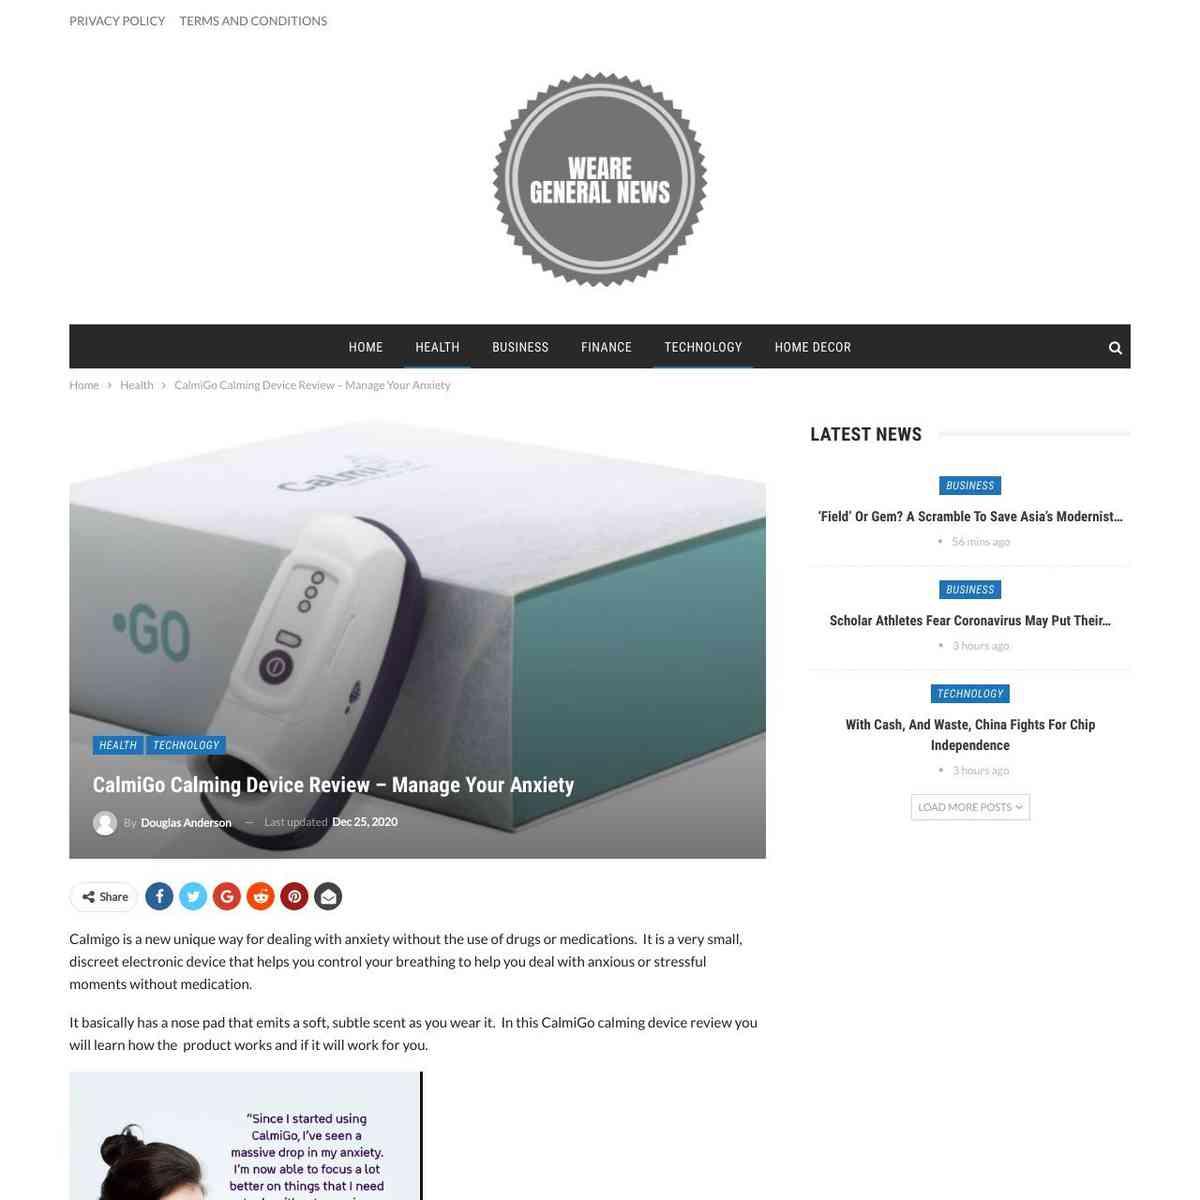 Calmigo Calming Device Review